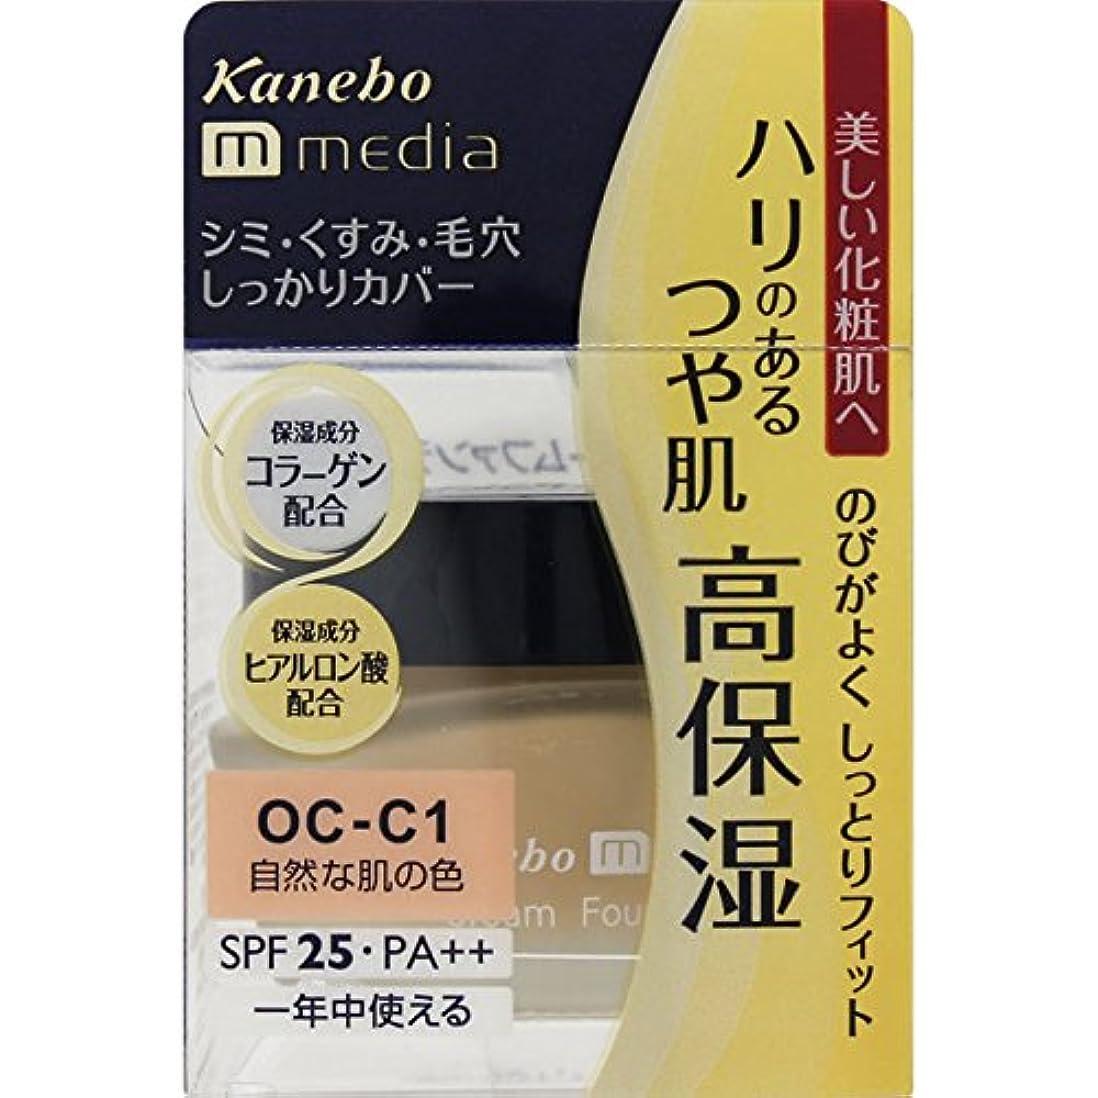 姿勢匿名チューブカネボウ media(メディア) クリームファンデーション OC-C1(自然な肌の色)